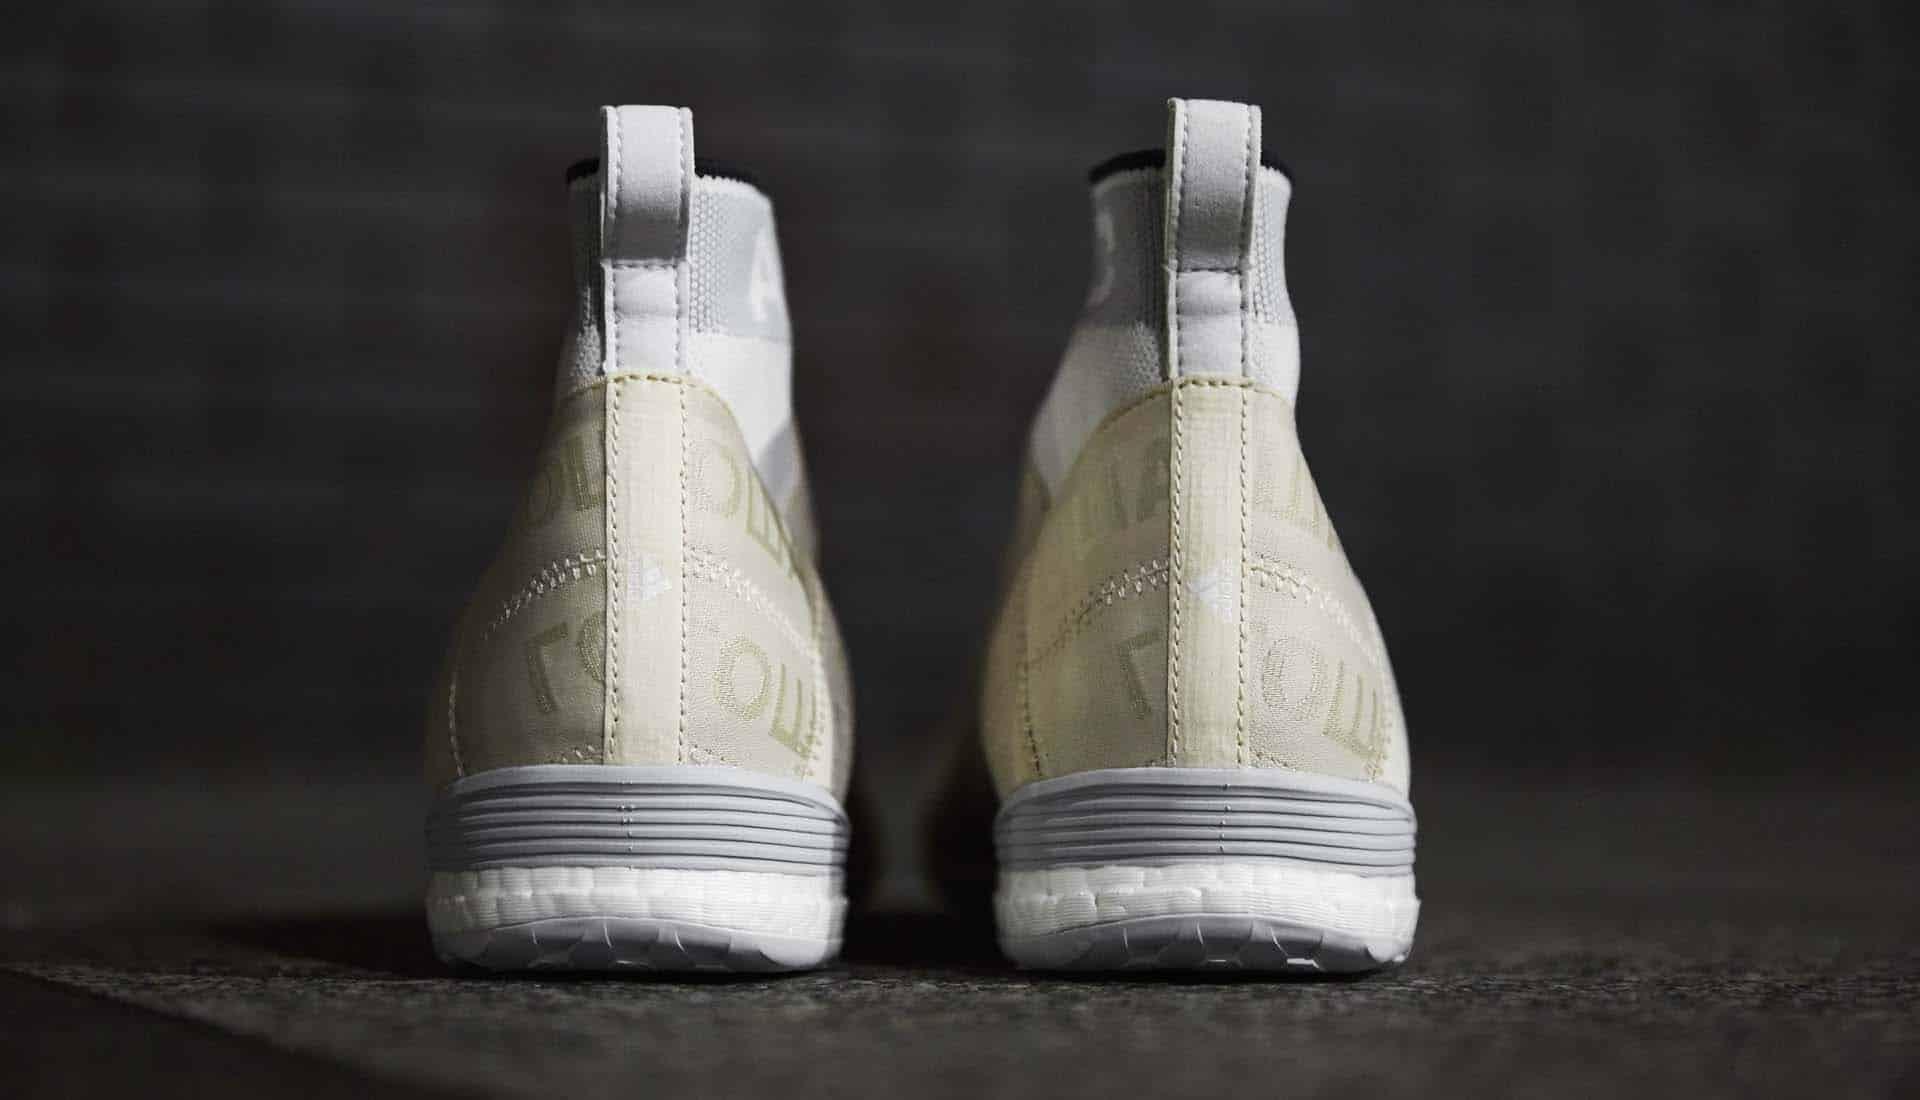 chaussures-lifestyle-adidas-x-gosha-rubchinskiy-nemeziz-img1